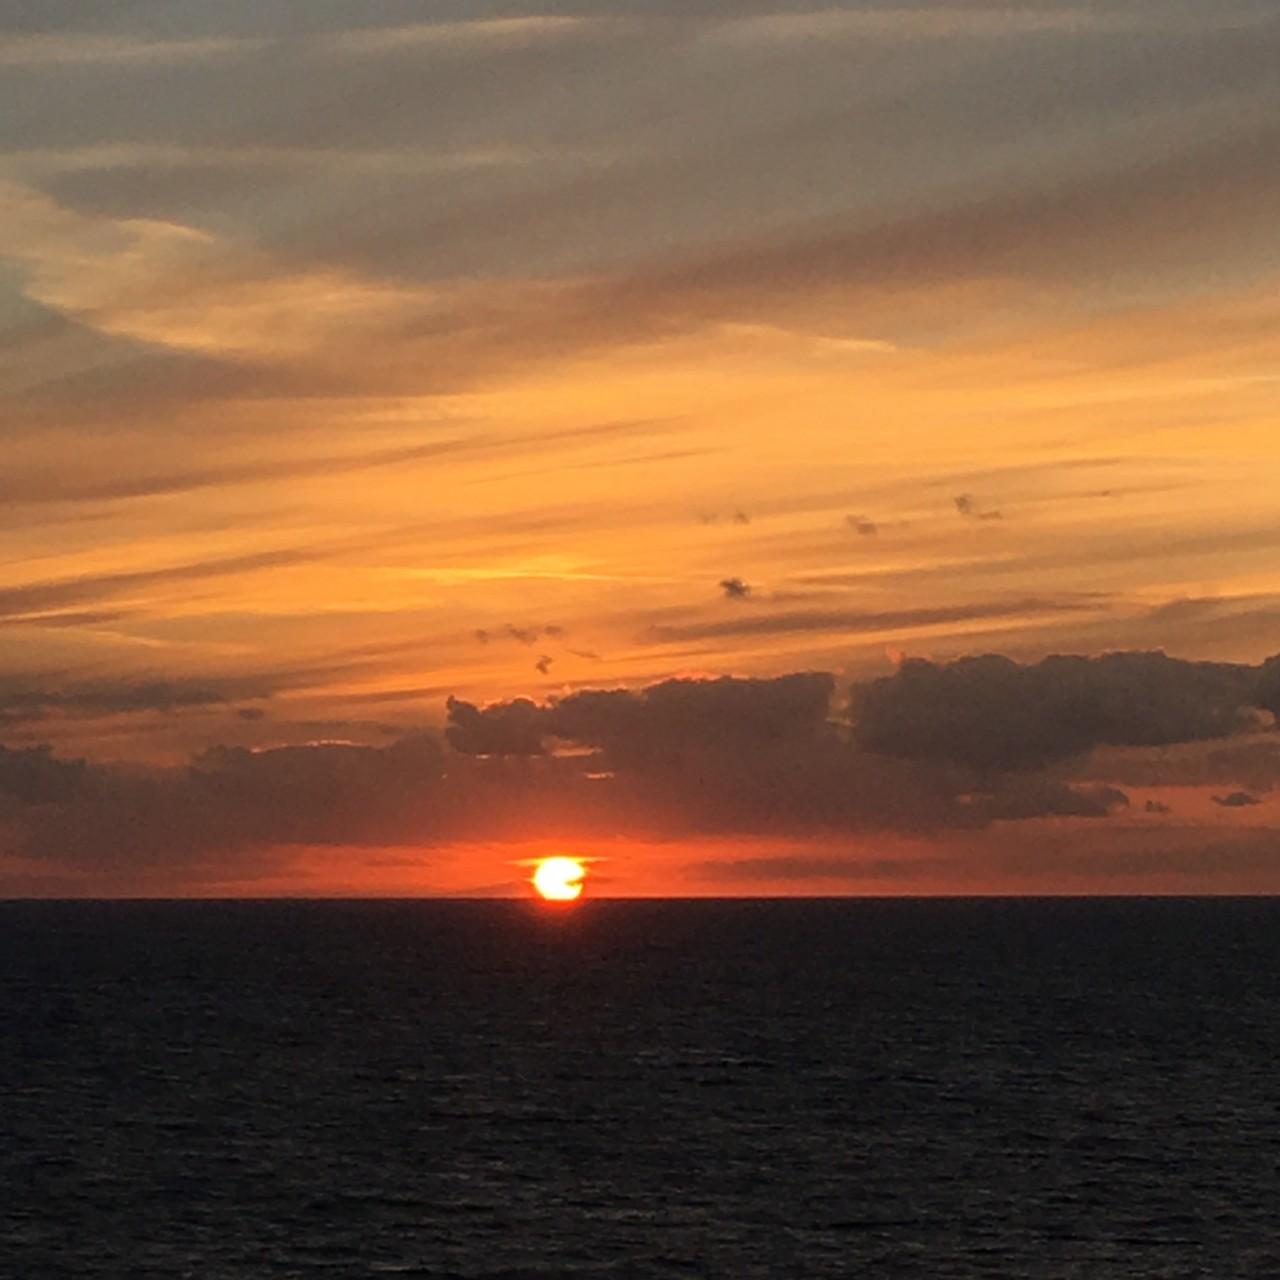 solnedgang-tisvilde-andrea-rudolph-green-house